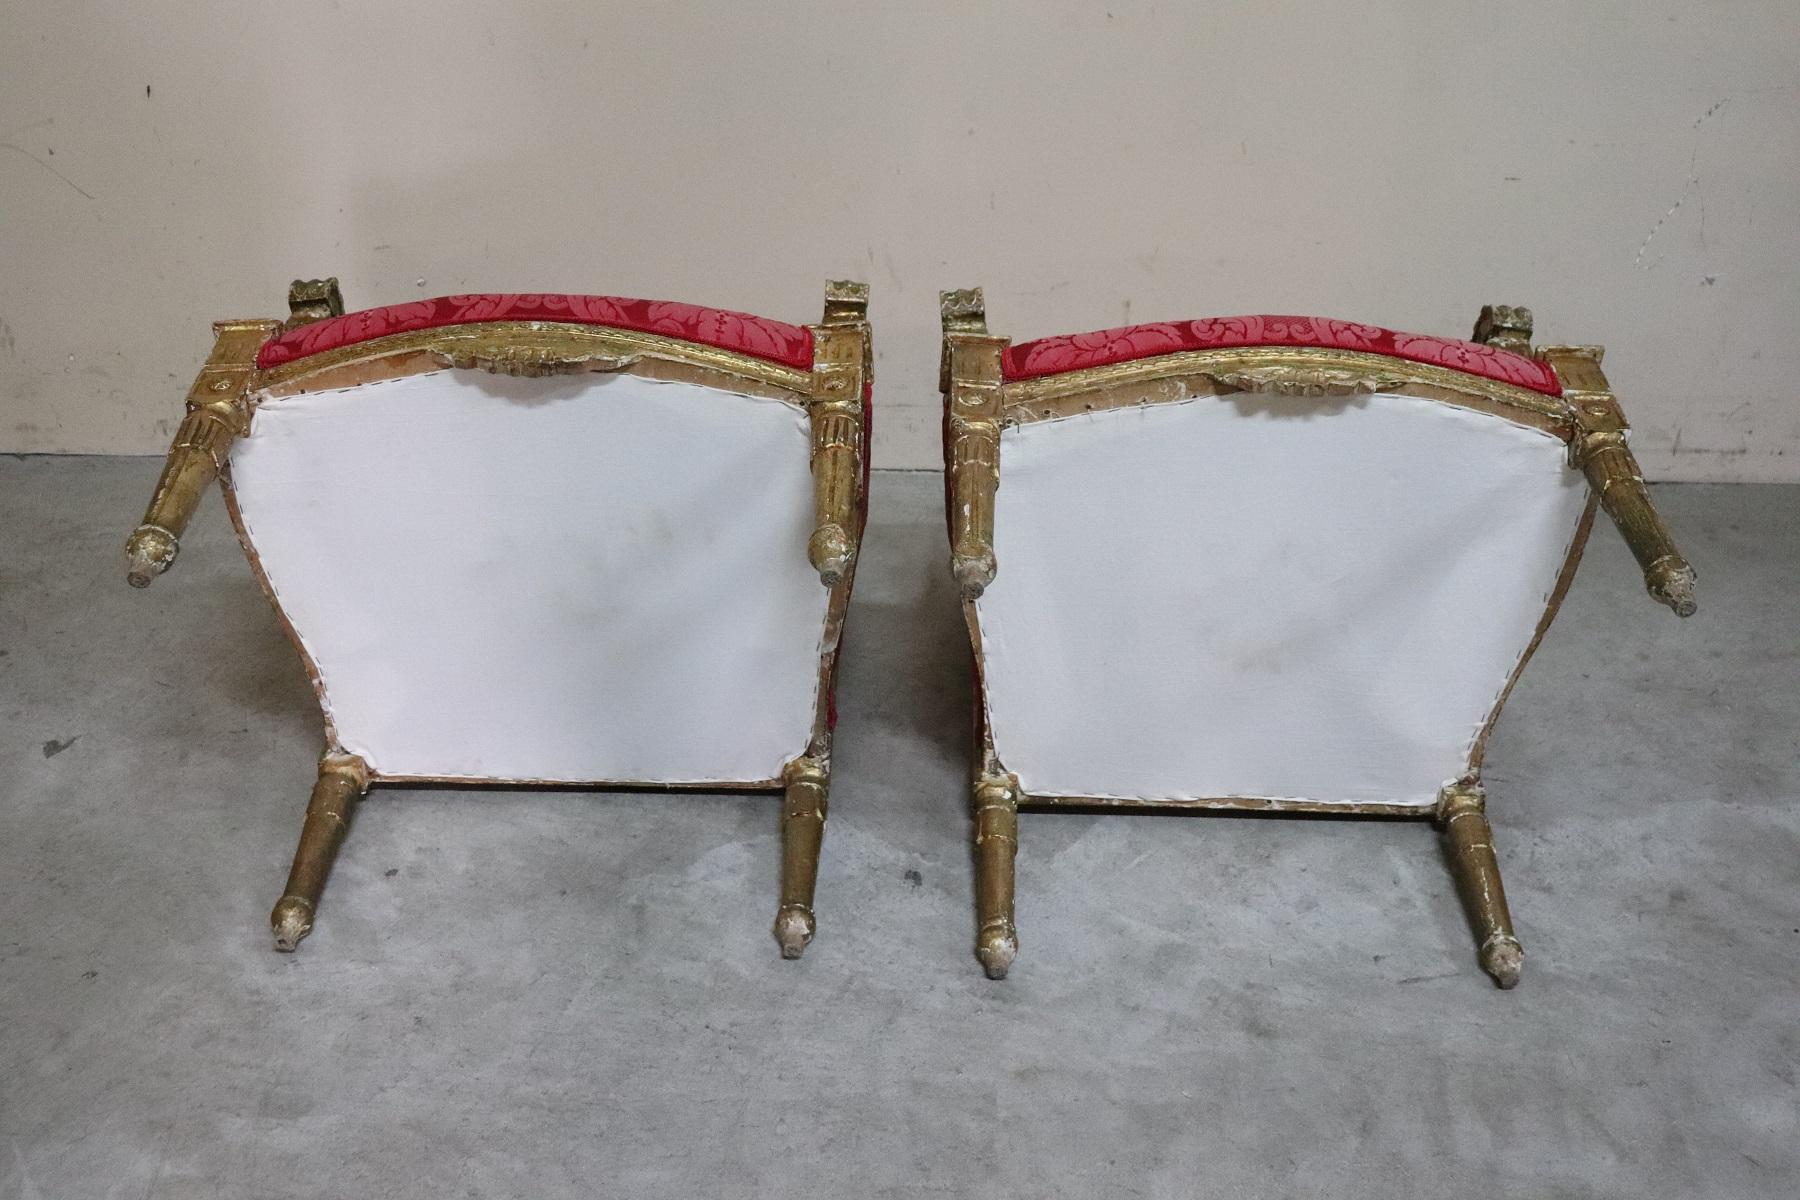 thumb10|Coppia di poltrone in stile antico Luigi XVI legno intagliato e dorato PREZZO TRATTABILE